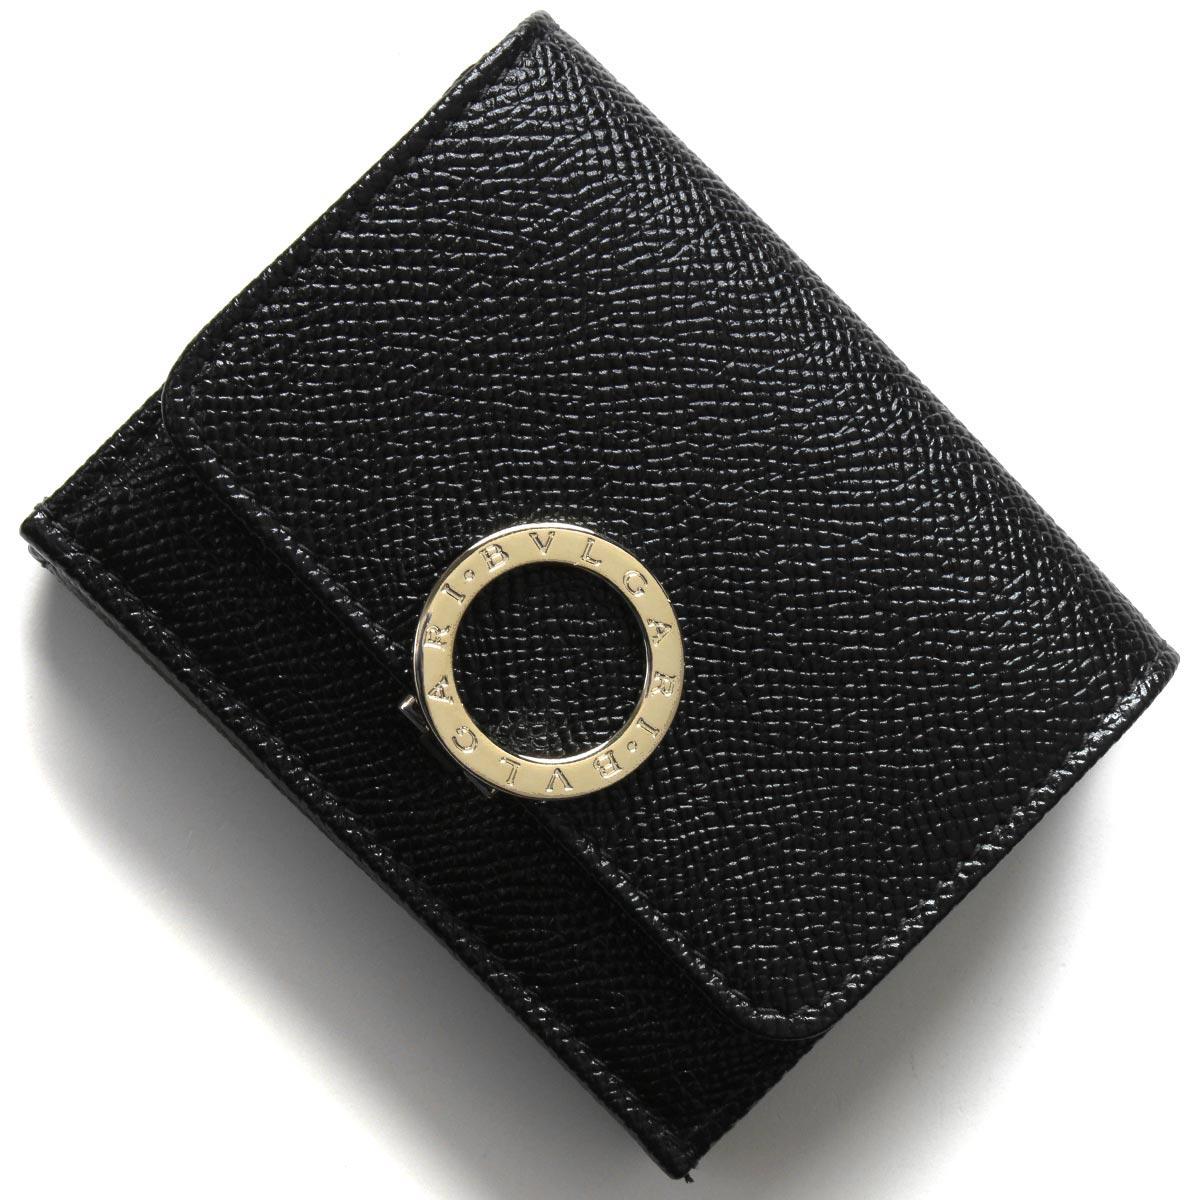 ブルガリ 三つ折り財布 財布 メンズ レディース ブルガリブルガリ ブラック 288648 2020年春夏新作 BVLGARI